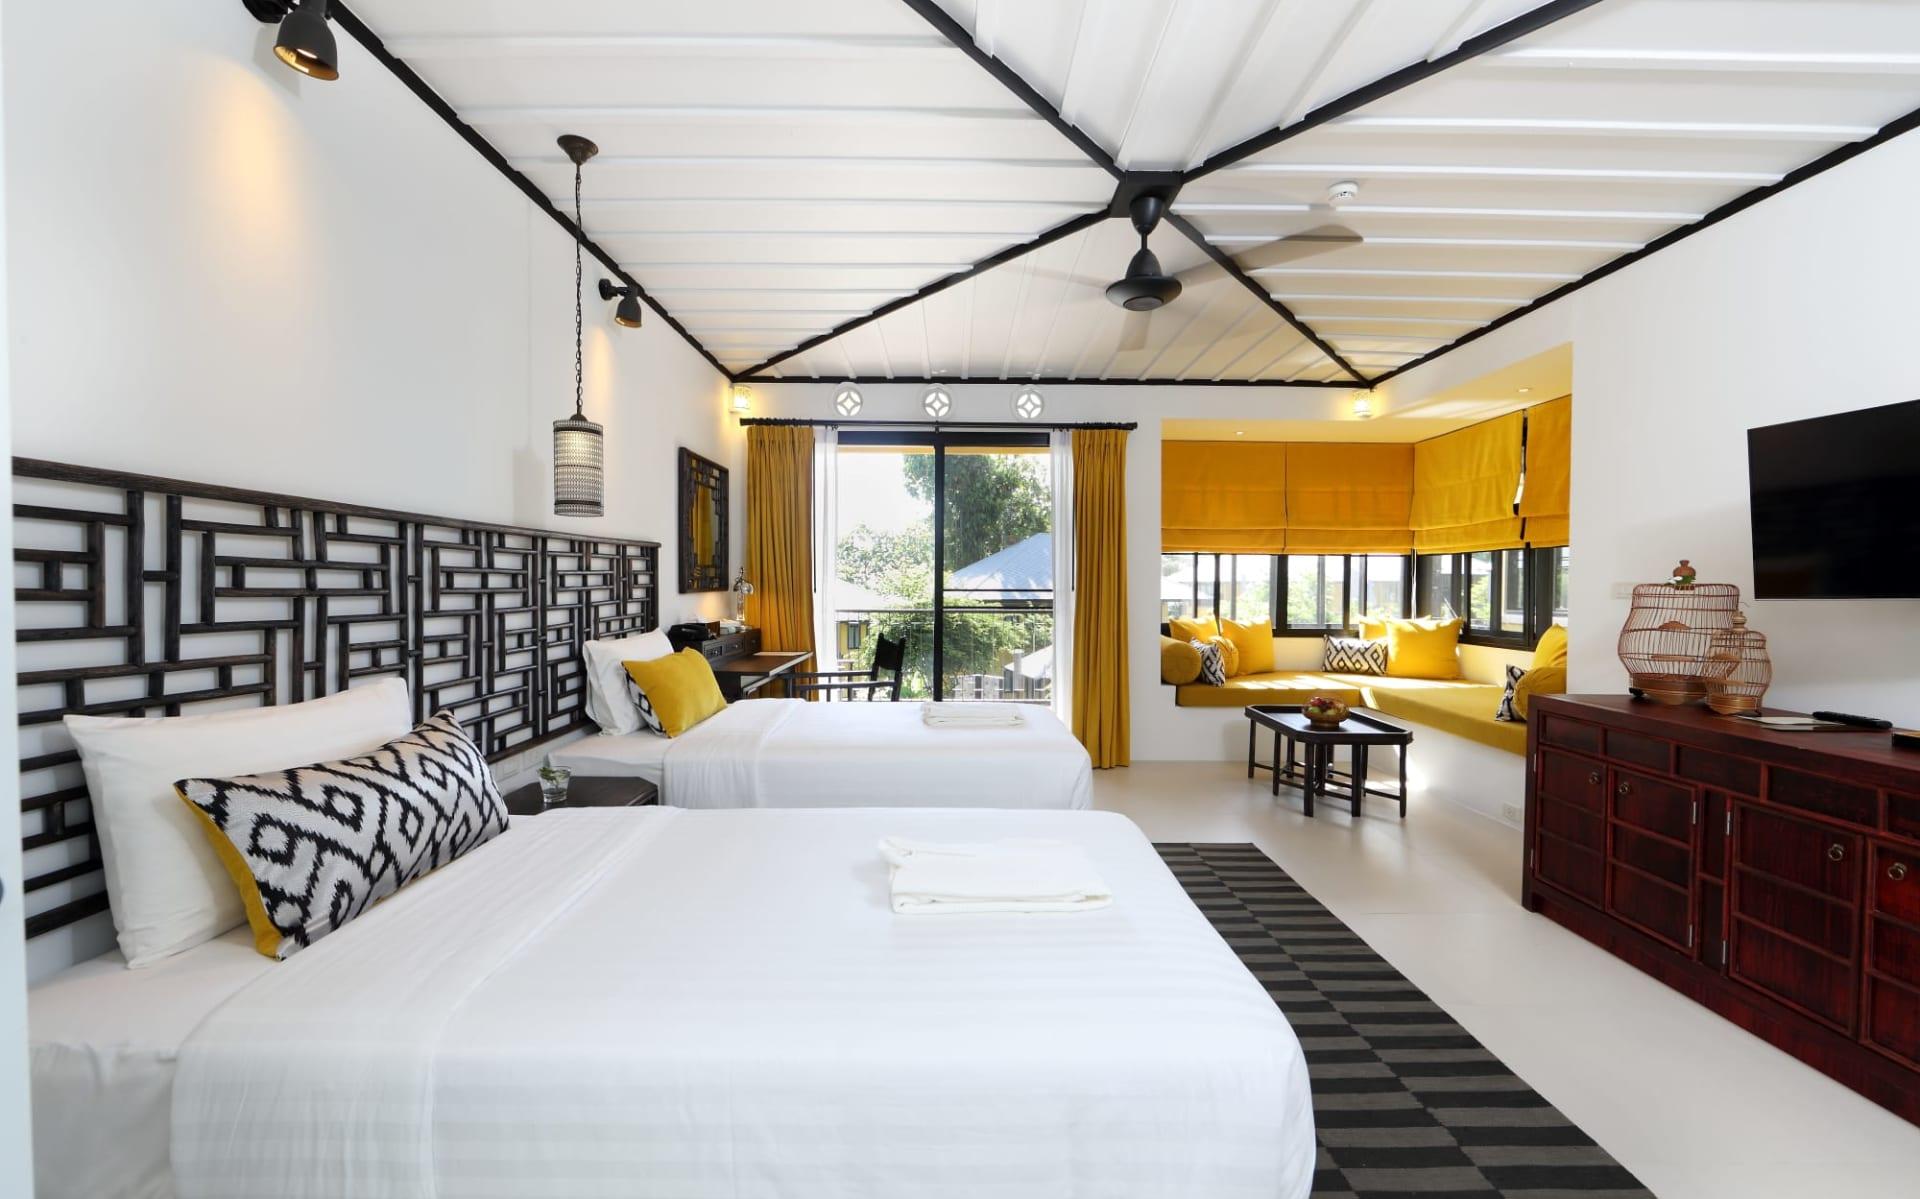 Moracea by Khaolak Resort in Khao Lak: Hibiscus Grand Deluxe Room